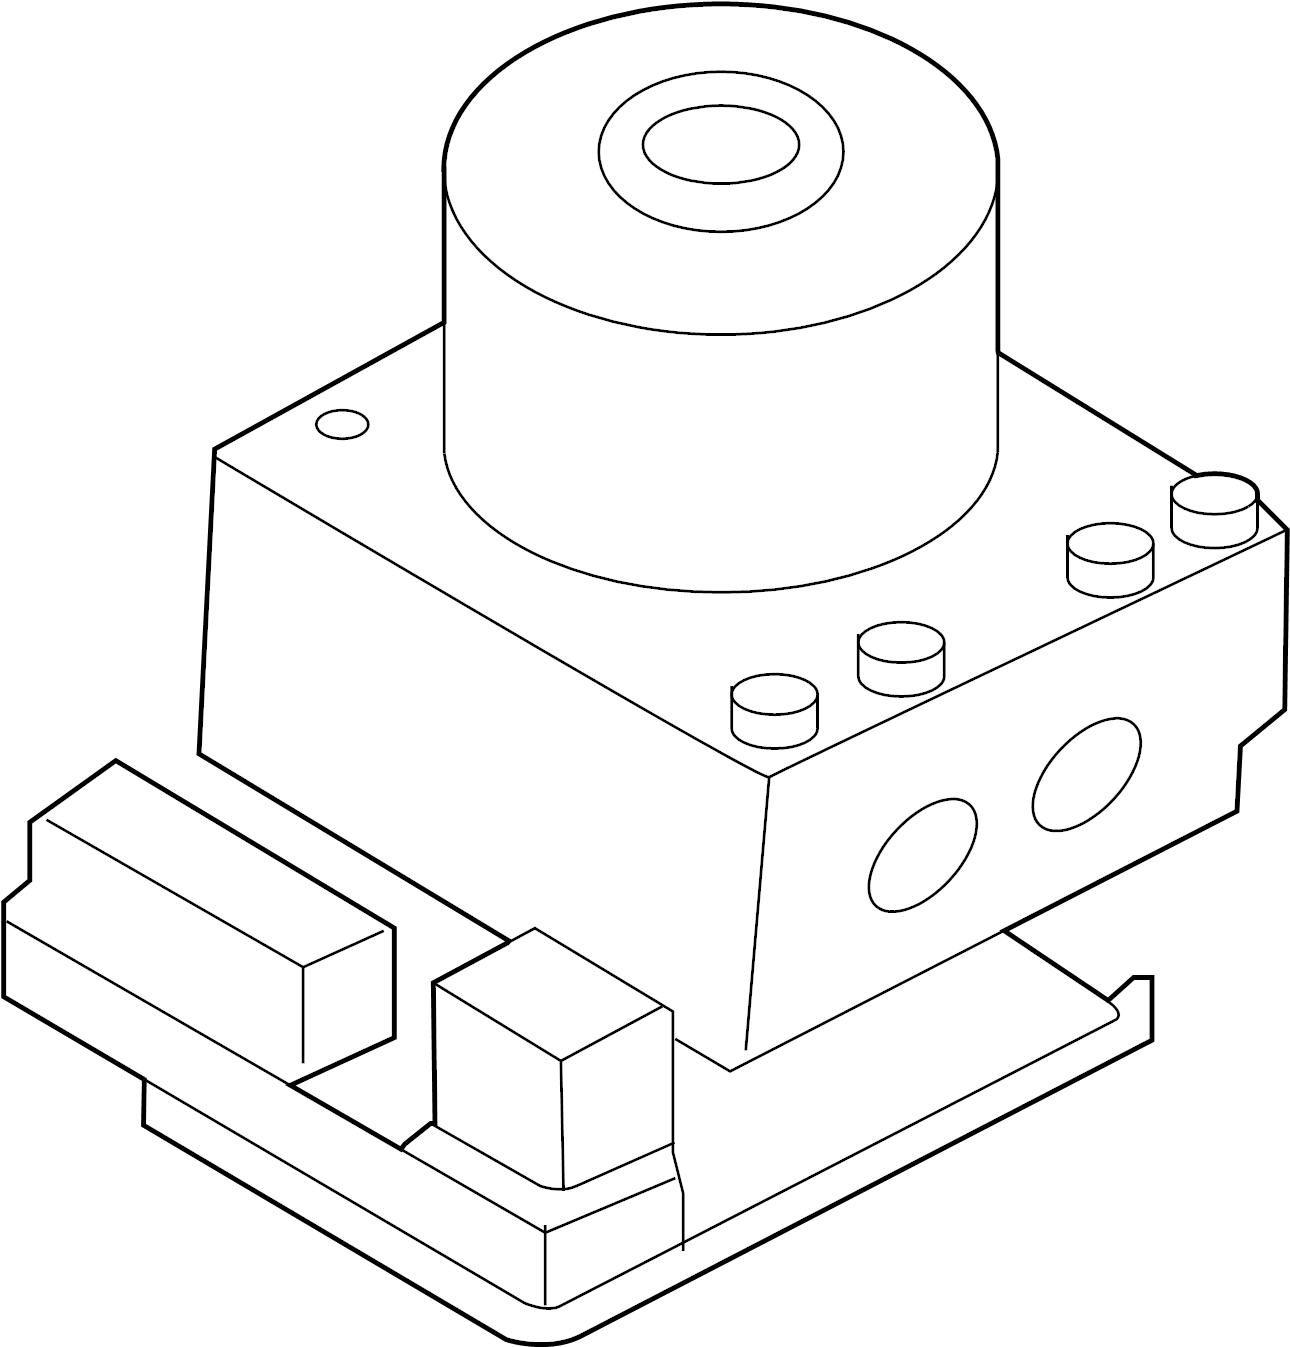 tags: #ford duraspark wiring#duraspark ii ignition schematic#ford duraspark  2 ignition wiring diagram#ford electronic ignition wiring diagram#ford  duraspark